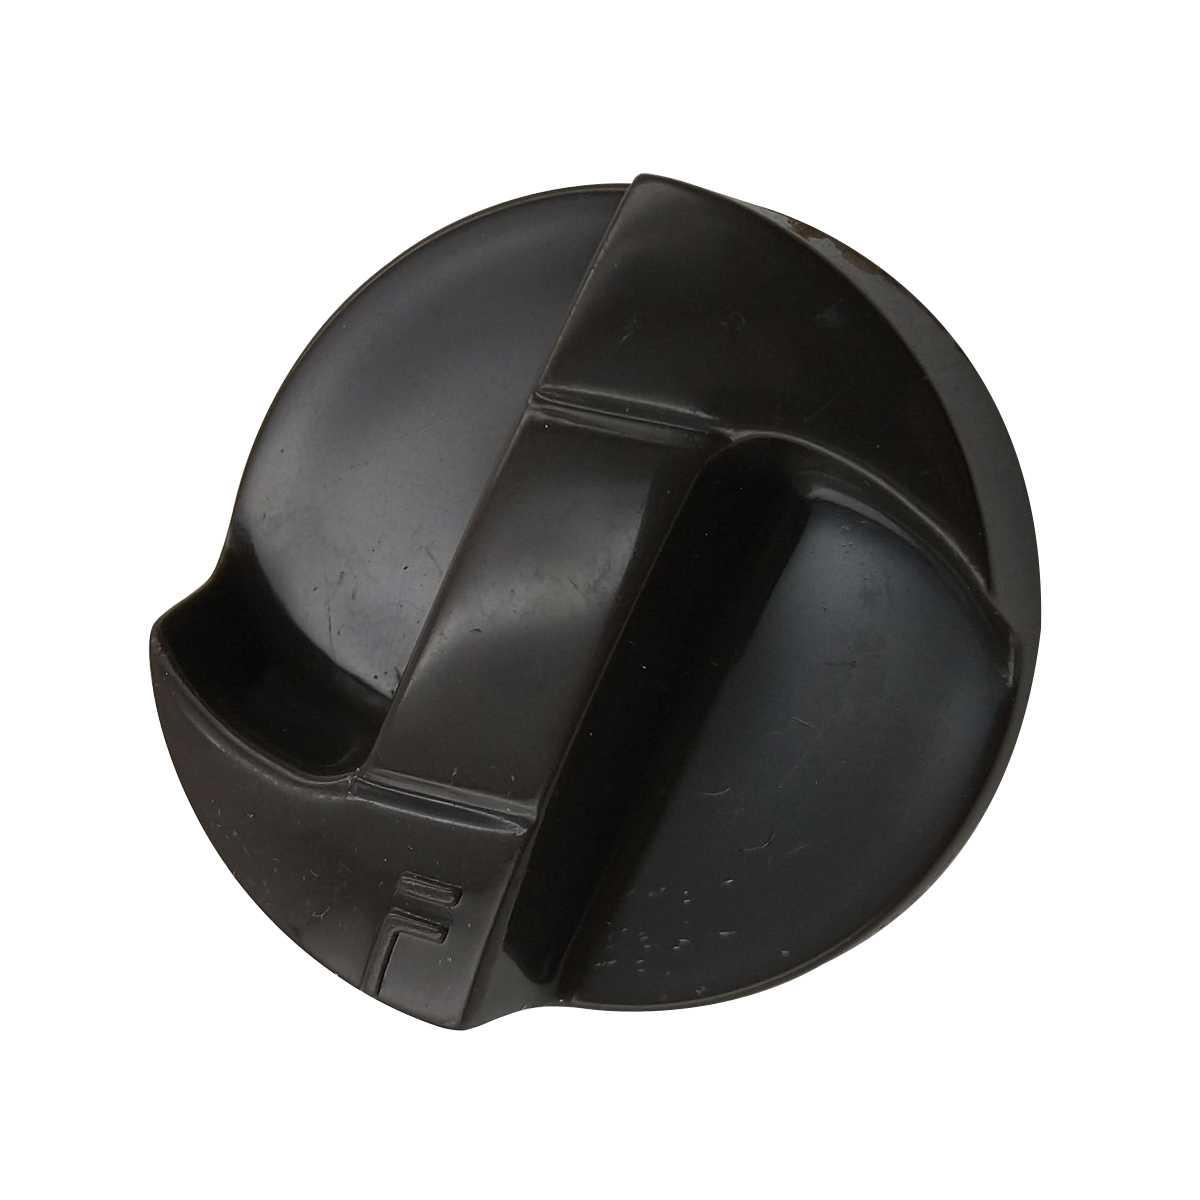 Botão do nivel de água lavadora Brastemp Mondial